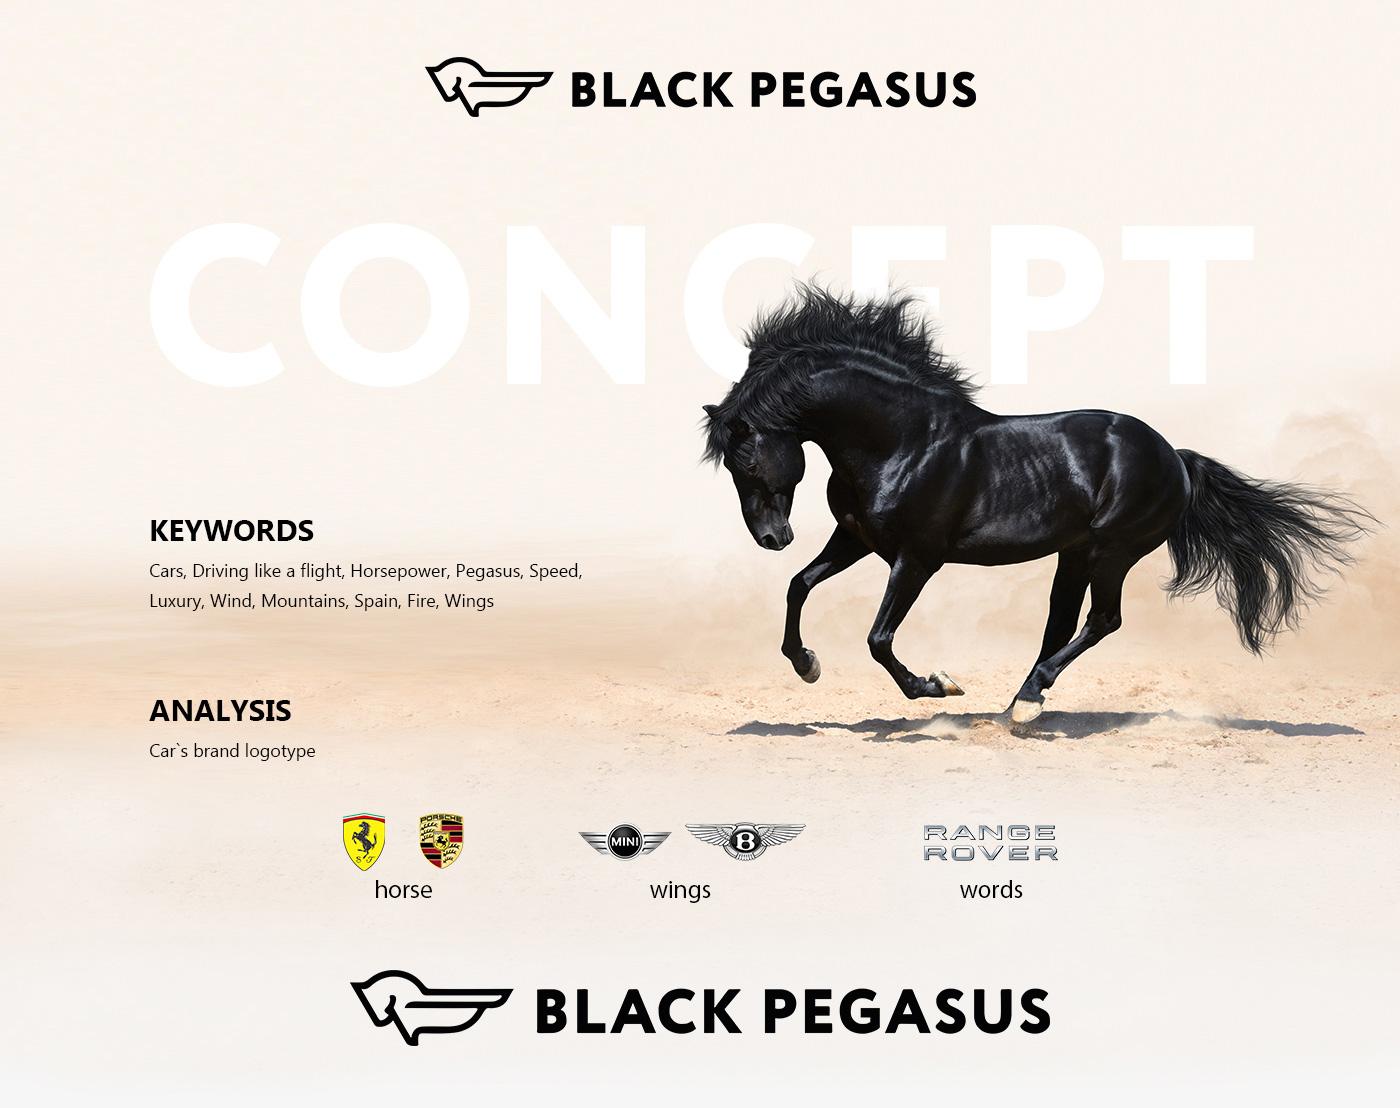 Фирменный стиль для Black Pegasus Cars